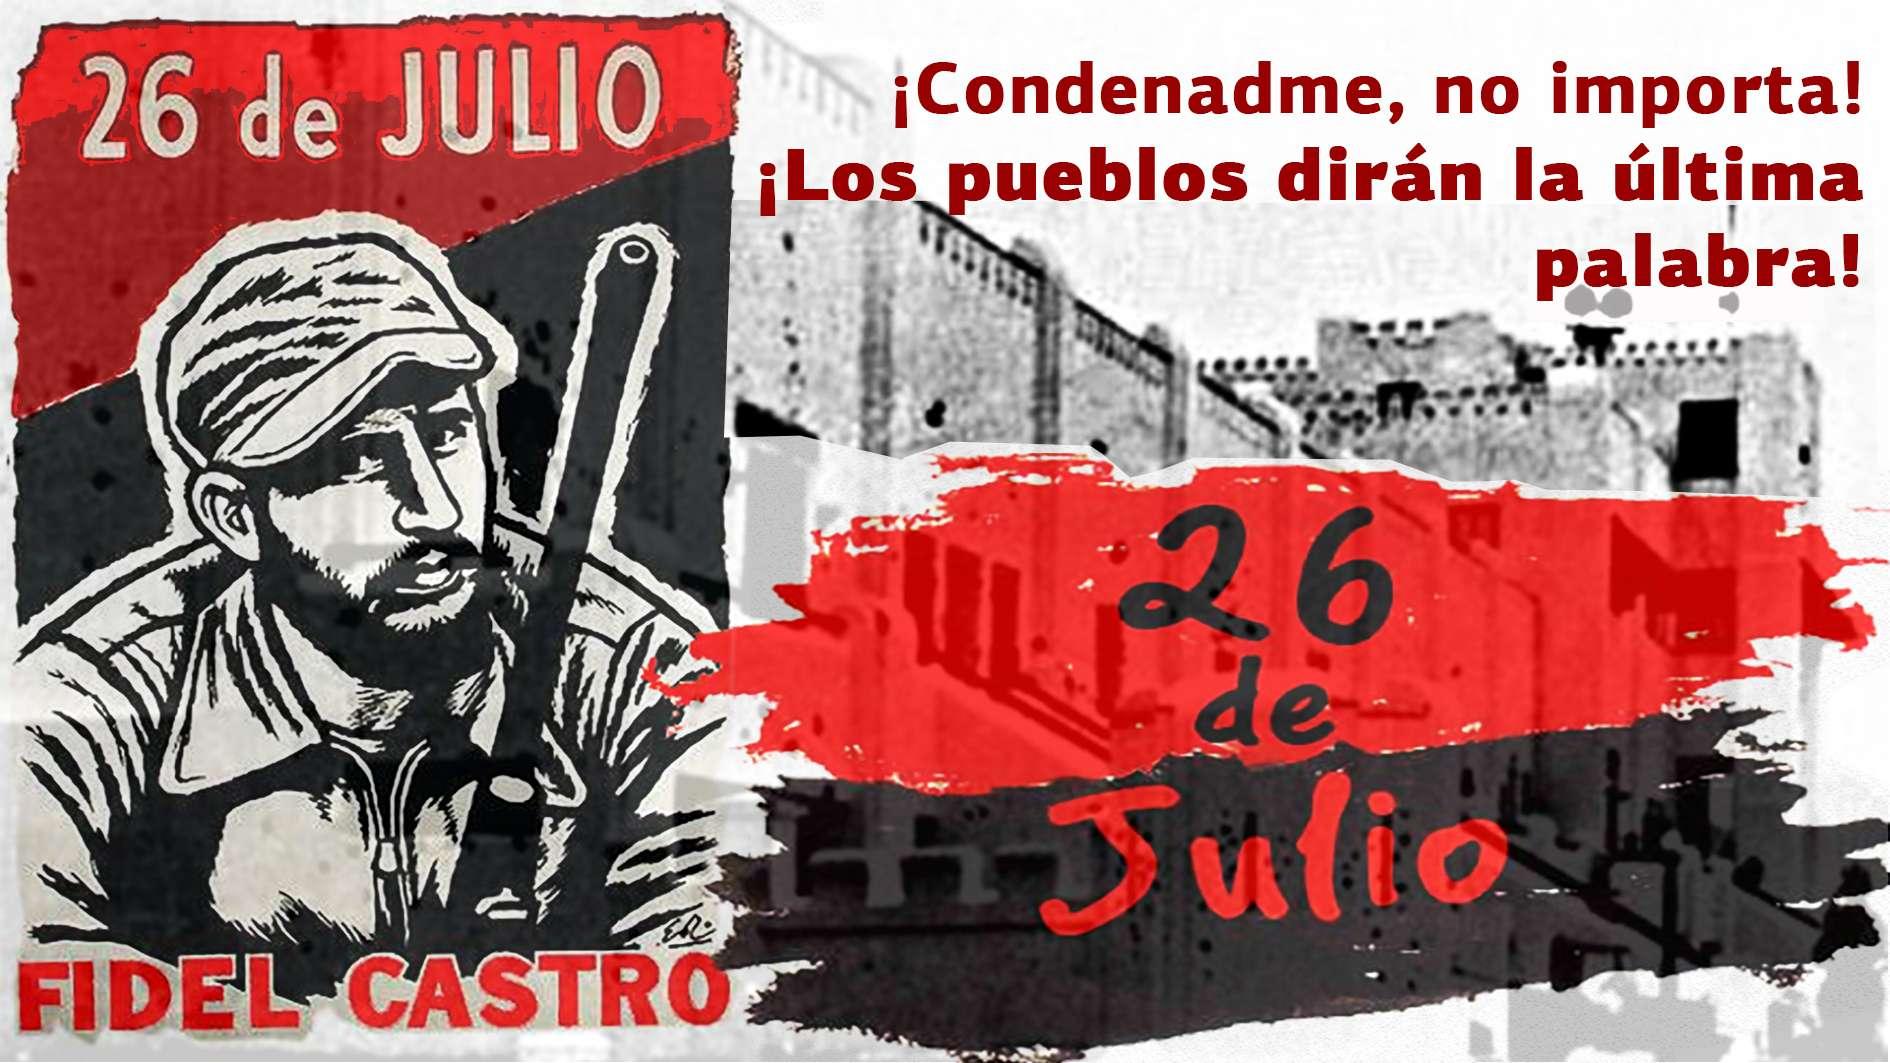 Fidel Castro ¡Condenadme no importa ¡Los pueblos dirán la última palabra